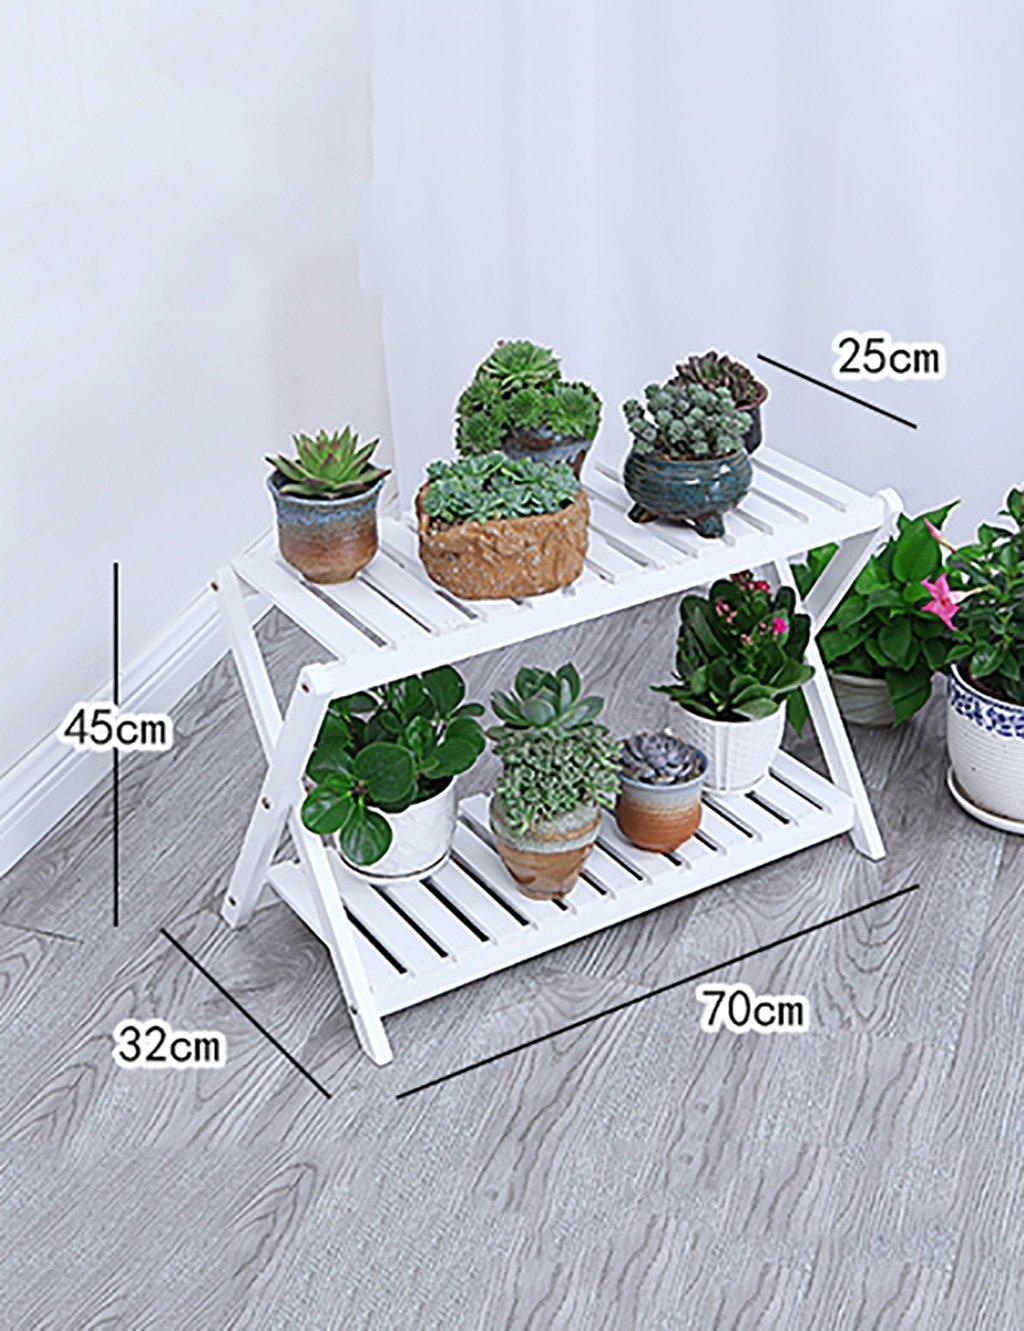 Massivholz Innen-Außenbereich Multilayer Blume Rack Wohnzimmer Blumen-Topf-Rahmen Boden Art Balkon Kleine Blume Rack ( farbe : L )